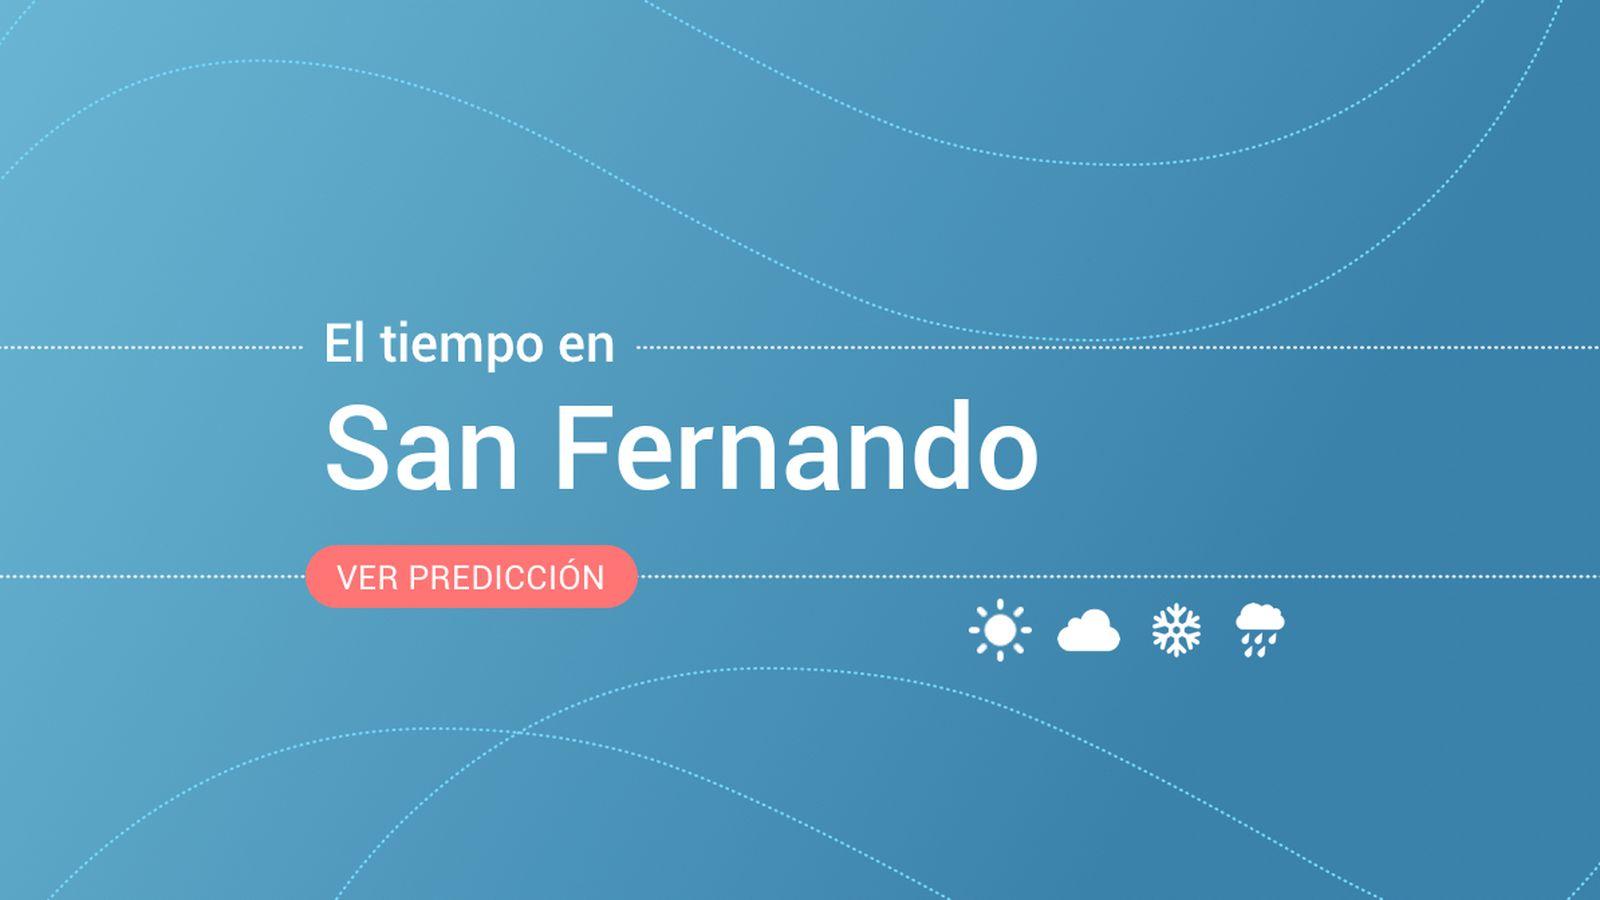 Foto: El tiempo en San Fernando. (EC)